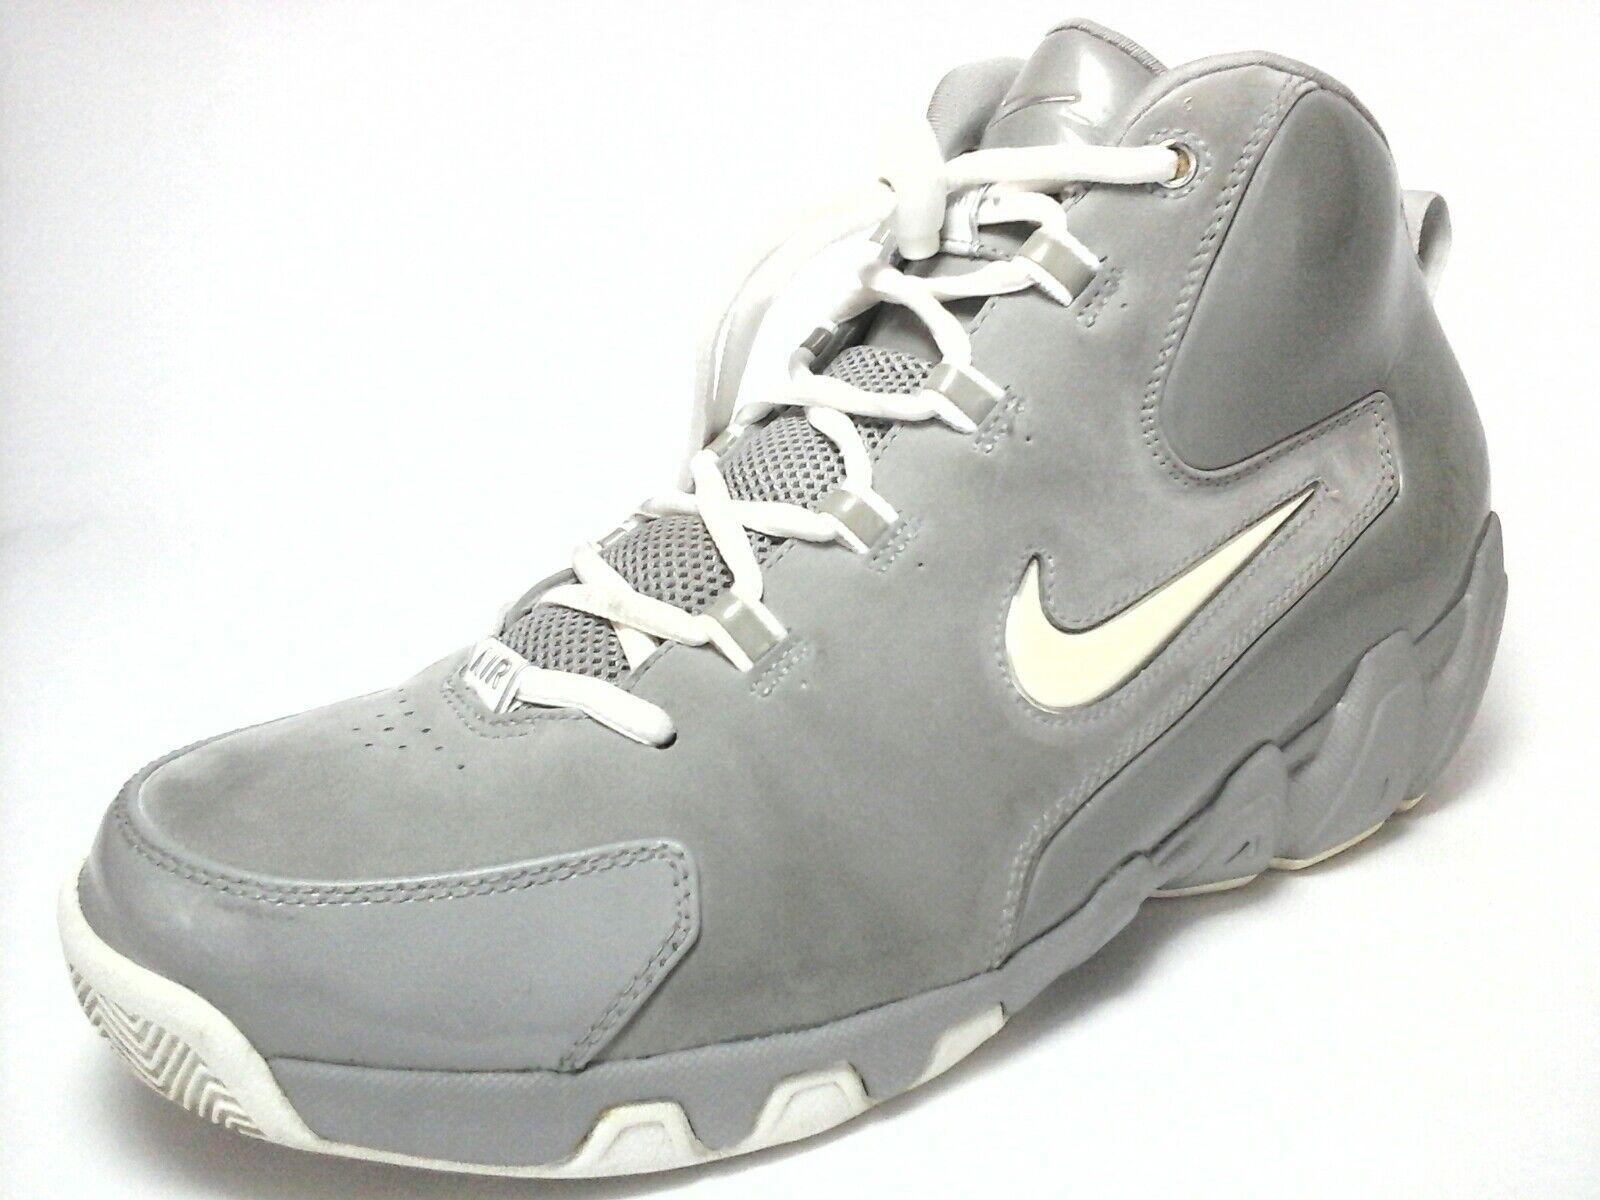 timeless design 362fc 61632 Nike vapore intoccabile pro ltng ltng ltng fulmine nero di calcio 847102 001  scarpette 9, ...